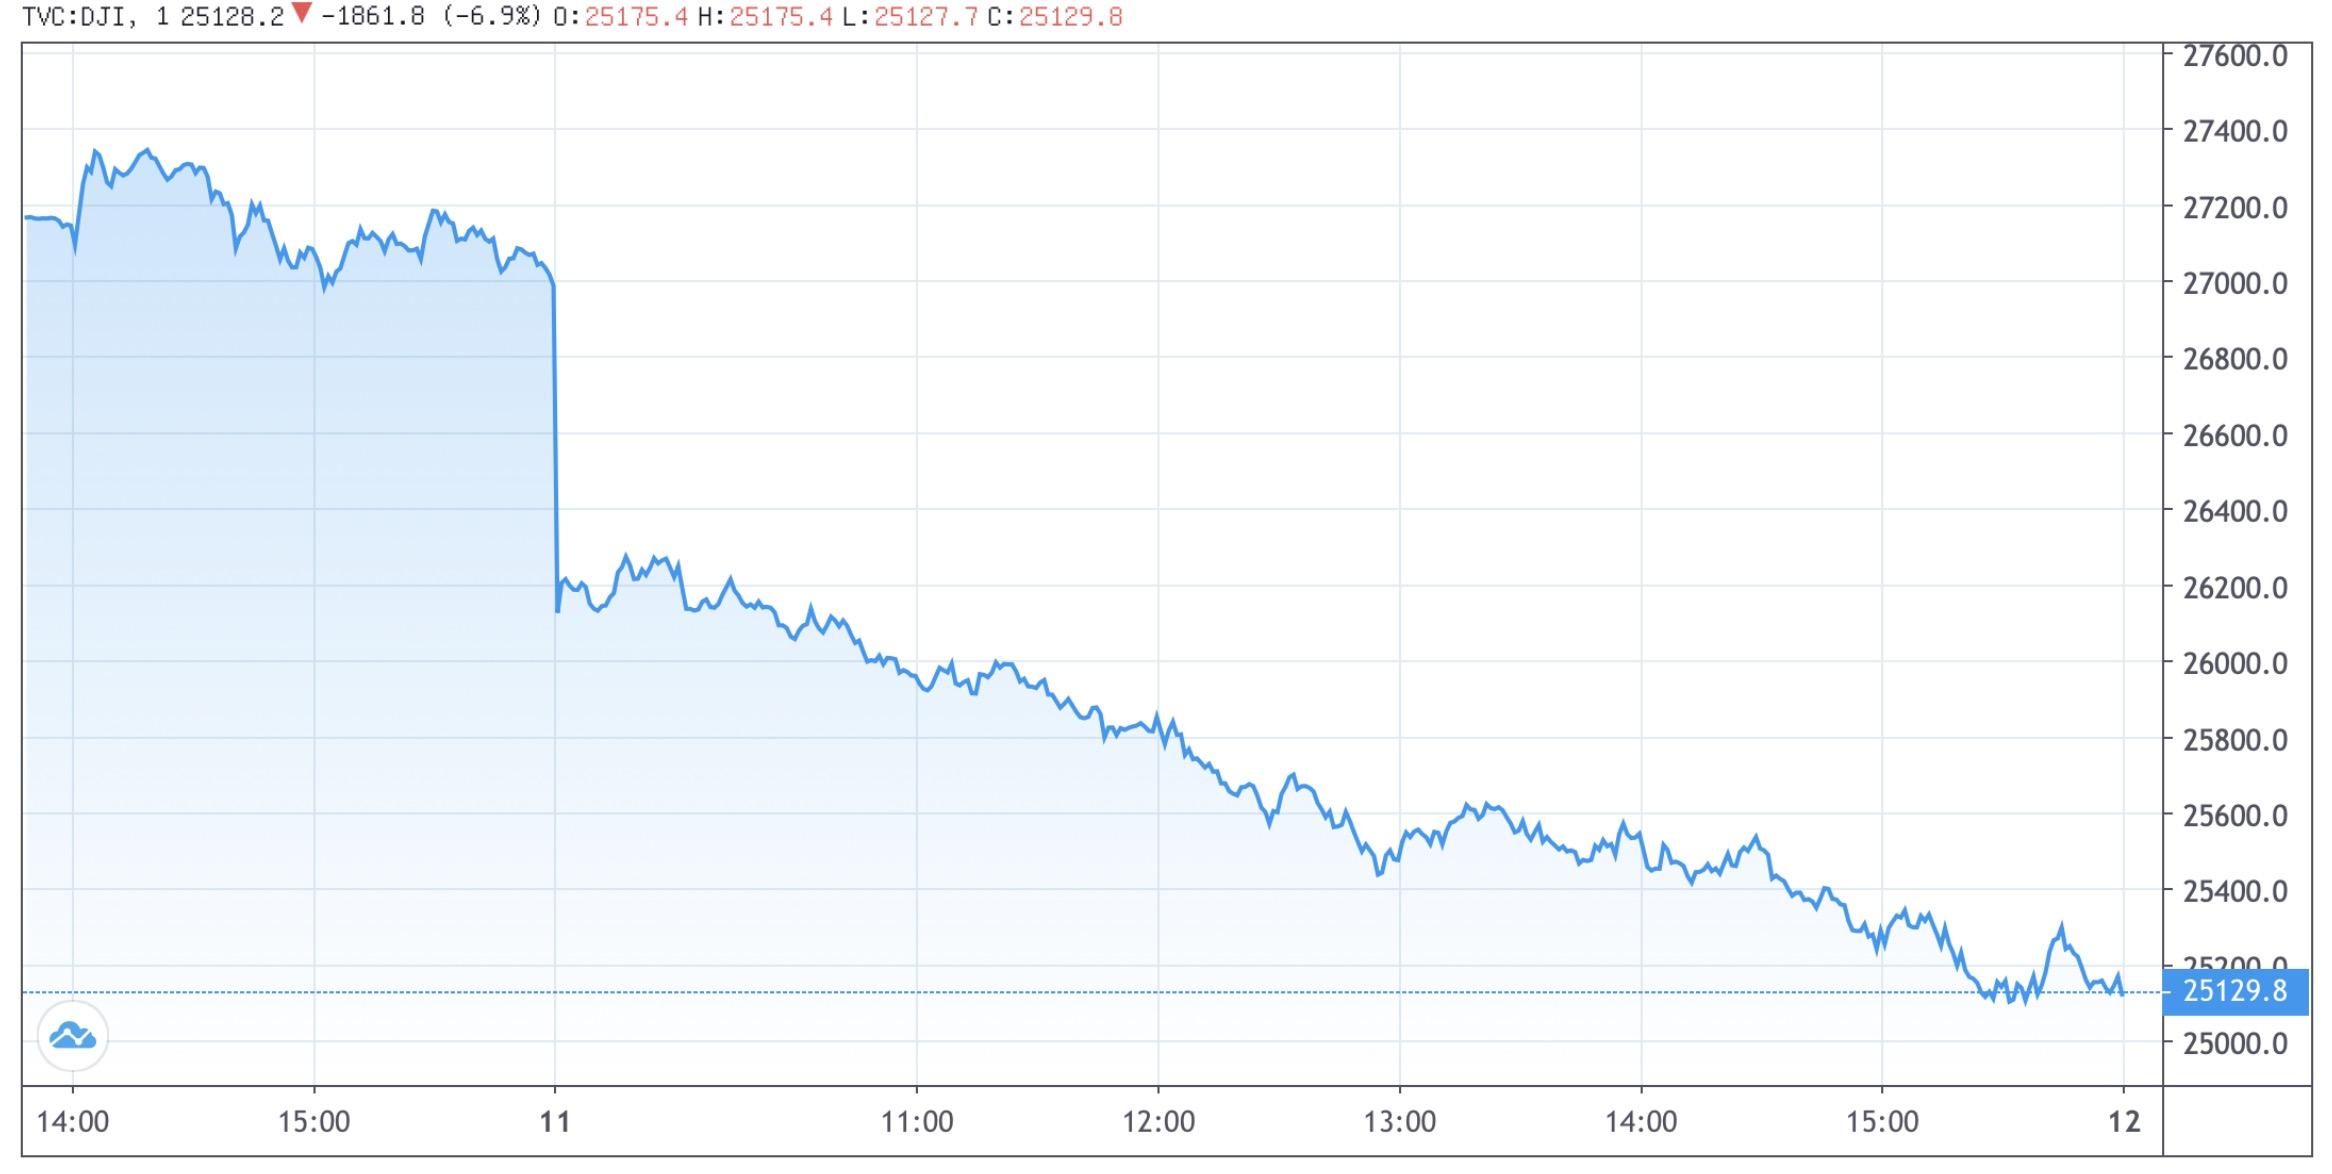 美股暴跌,道指狂泻逾1800点,投资者出现恐慌情绪